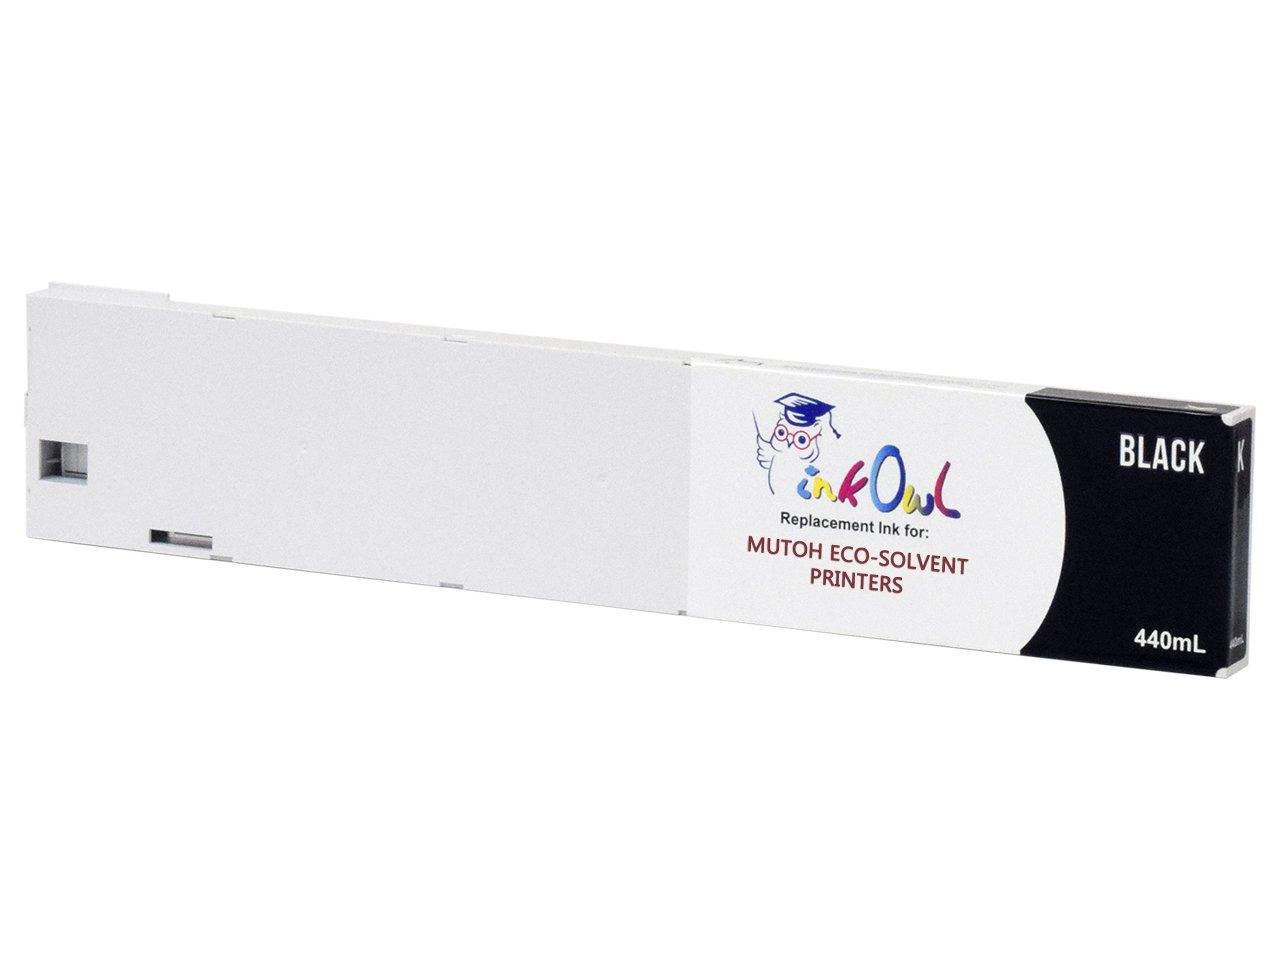 InkOwl – 互換インクカートリッジ交換Mutoh eco-ultraプリンタ(440ml、ブラック) – ヘックスキャップスクリューインク B07BZP76QZ